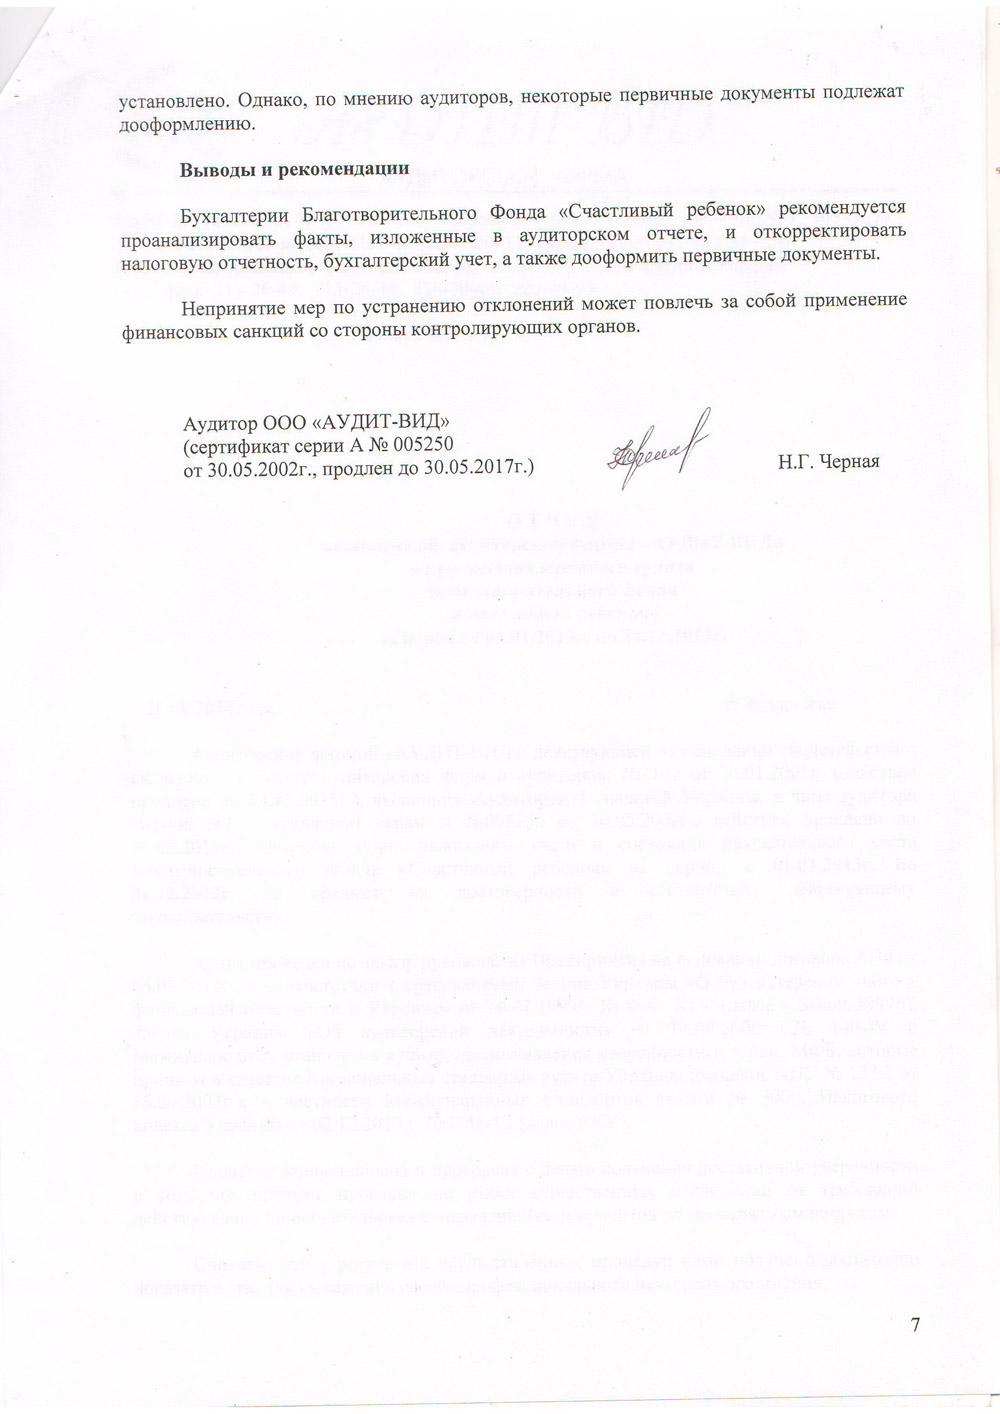 Аудит фонда за год Дети Запорожья Н Г Черная